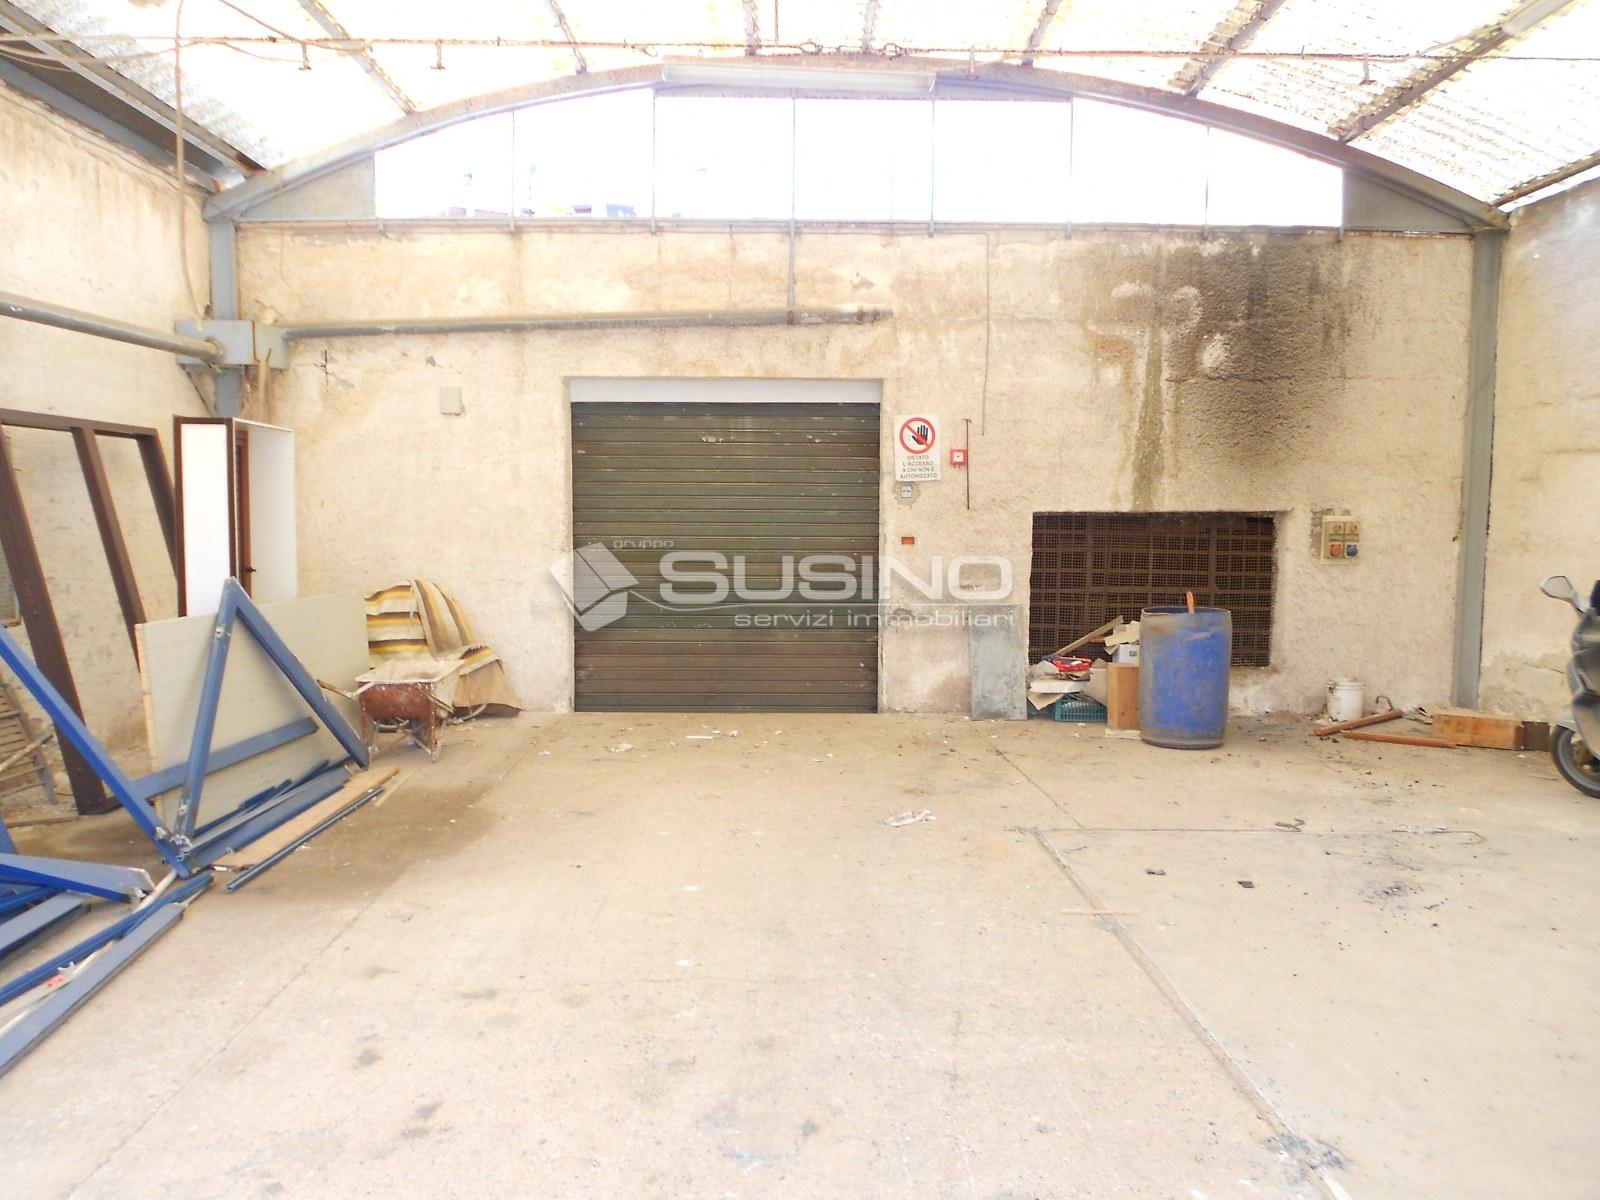 Capannone in vendita a Siracusa, 9999 locali, zona Zona: Borgata, prezzo € 100.000 | Cambio Casa.it